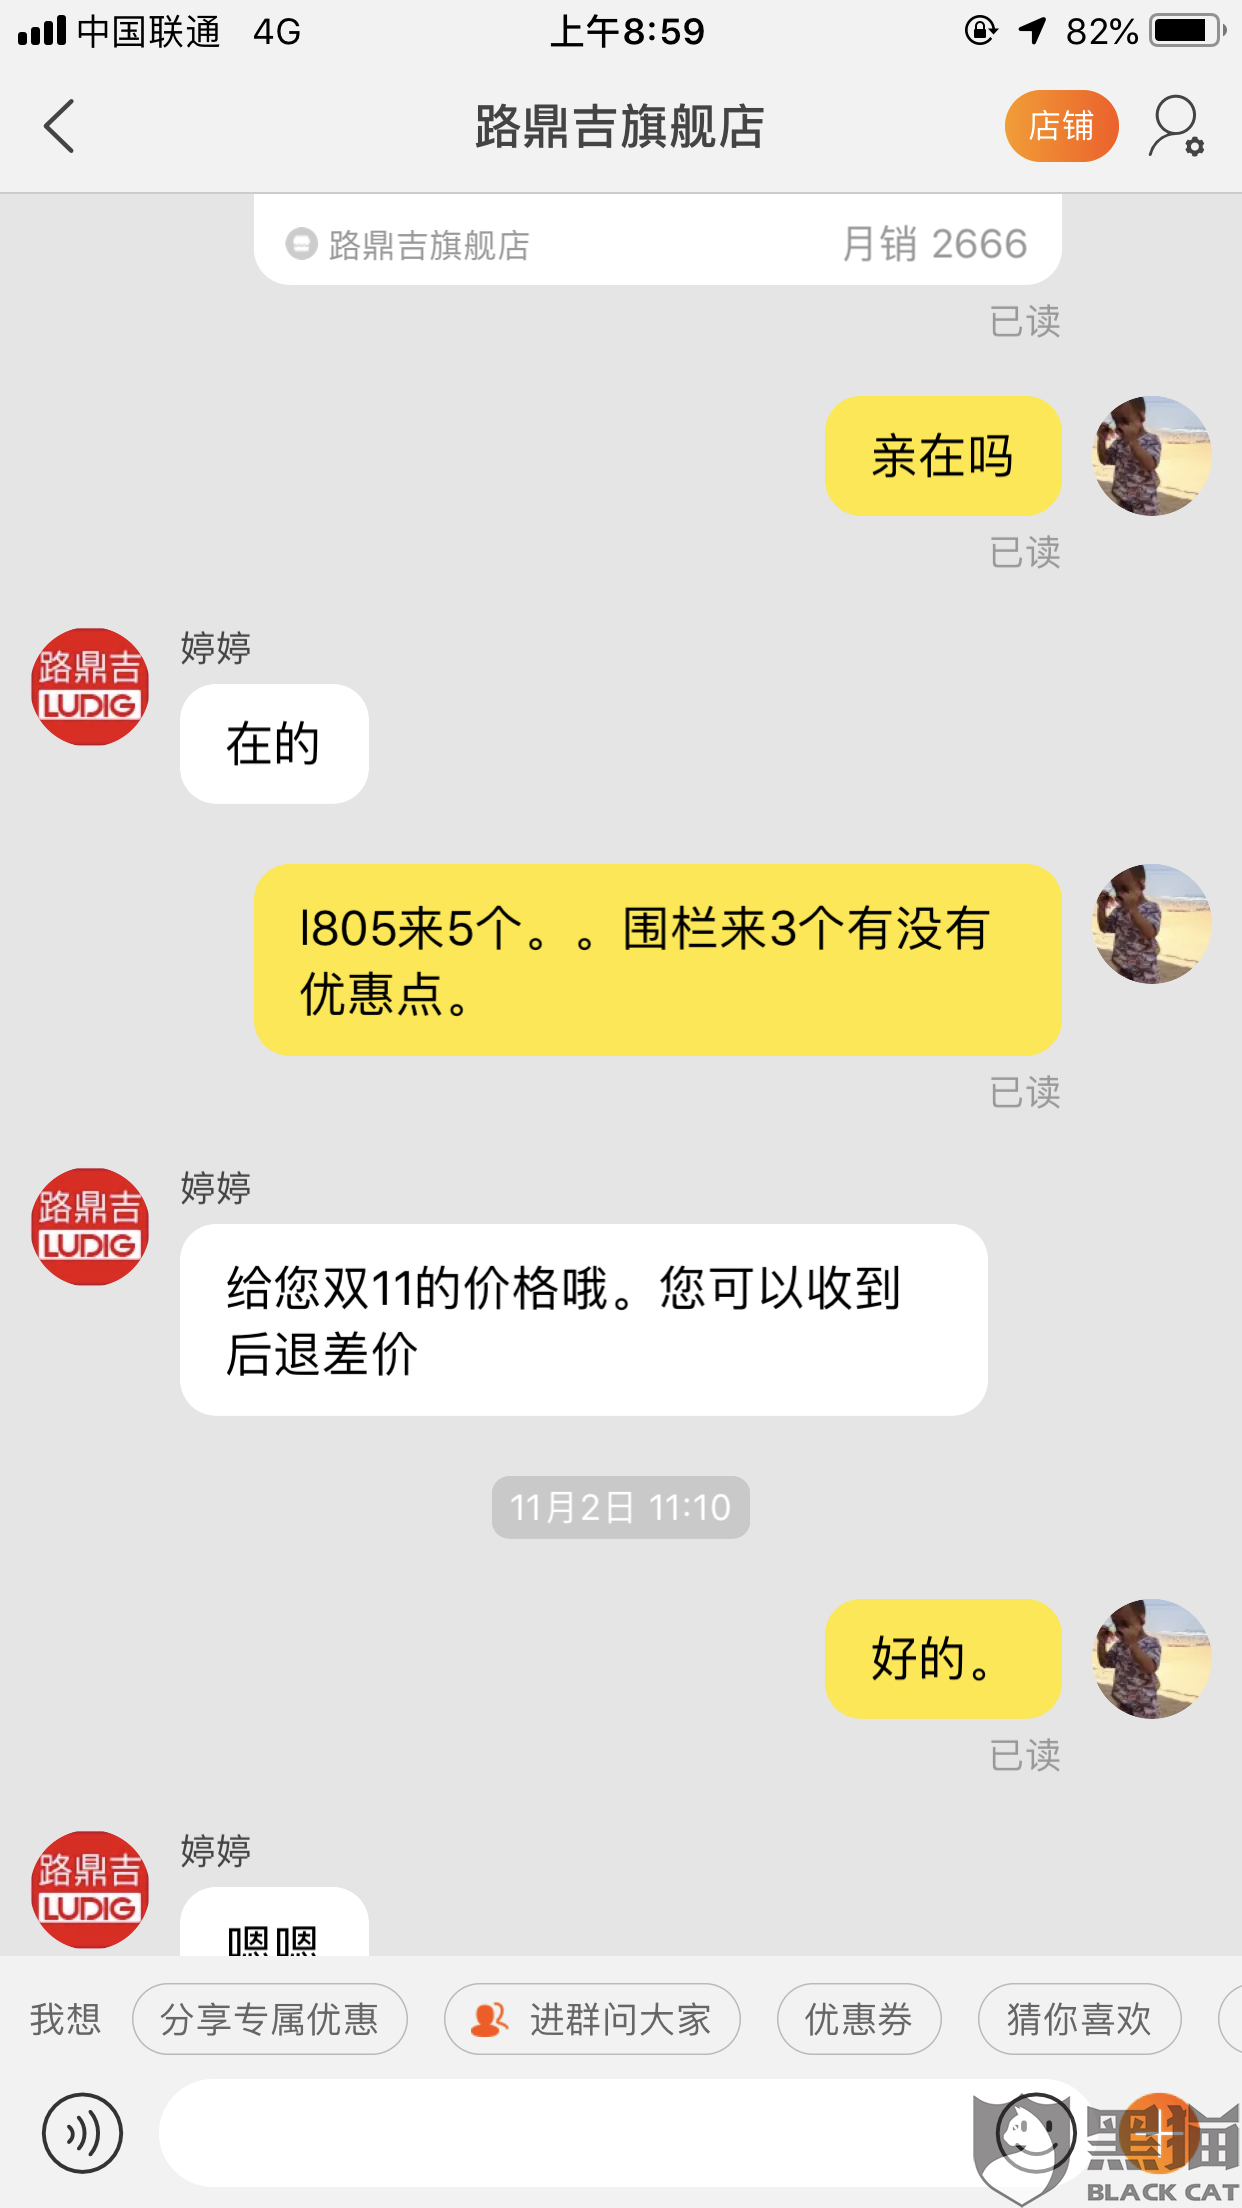 黑猫投诉:路鼎吉旗舰店商家未履行承诺和买家玩文字游戏不讲信用